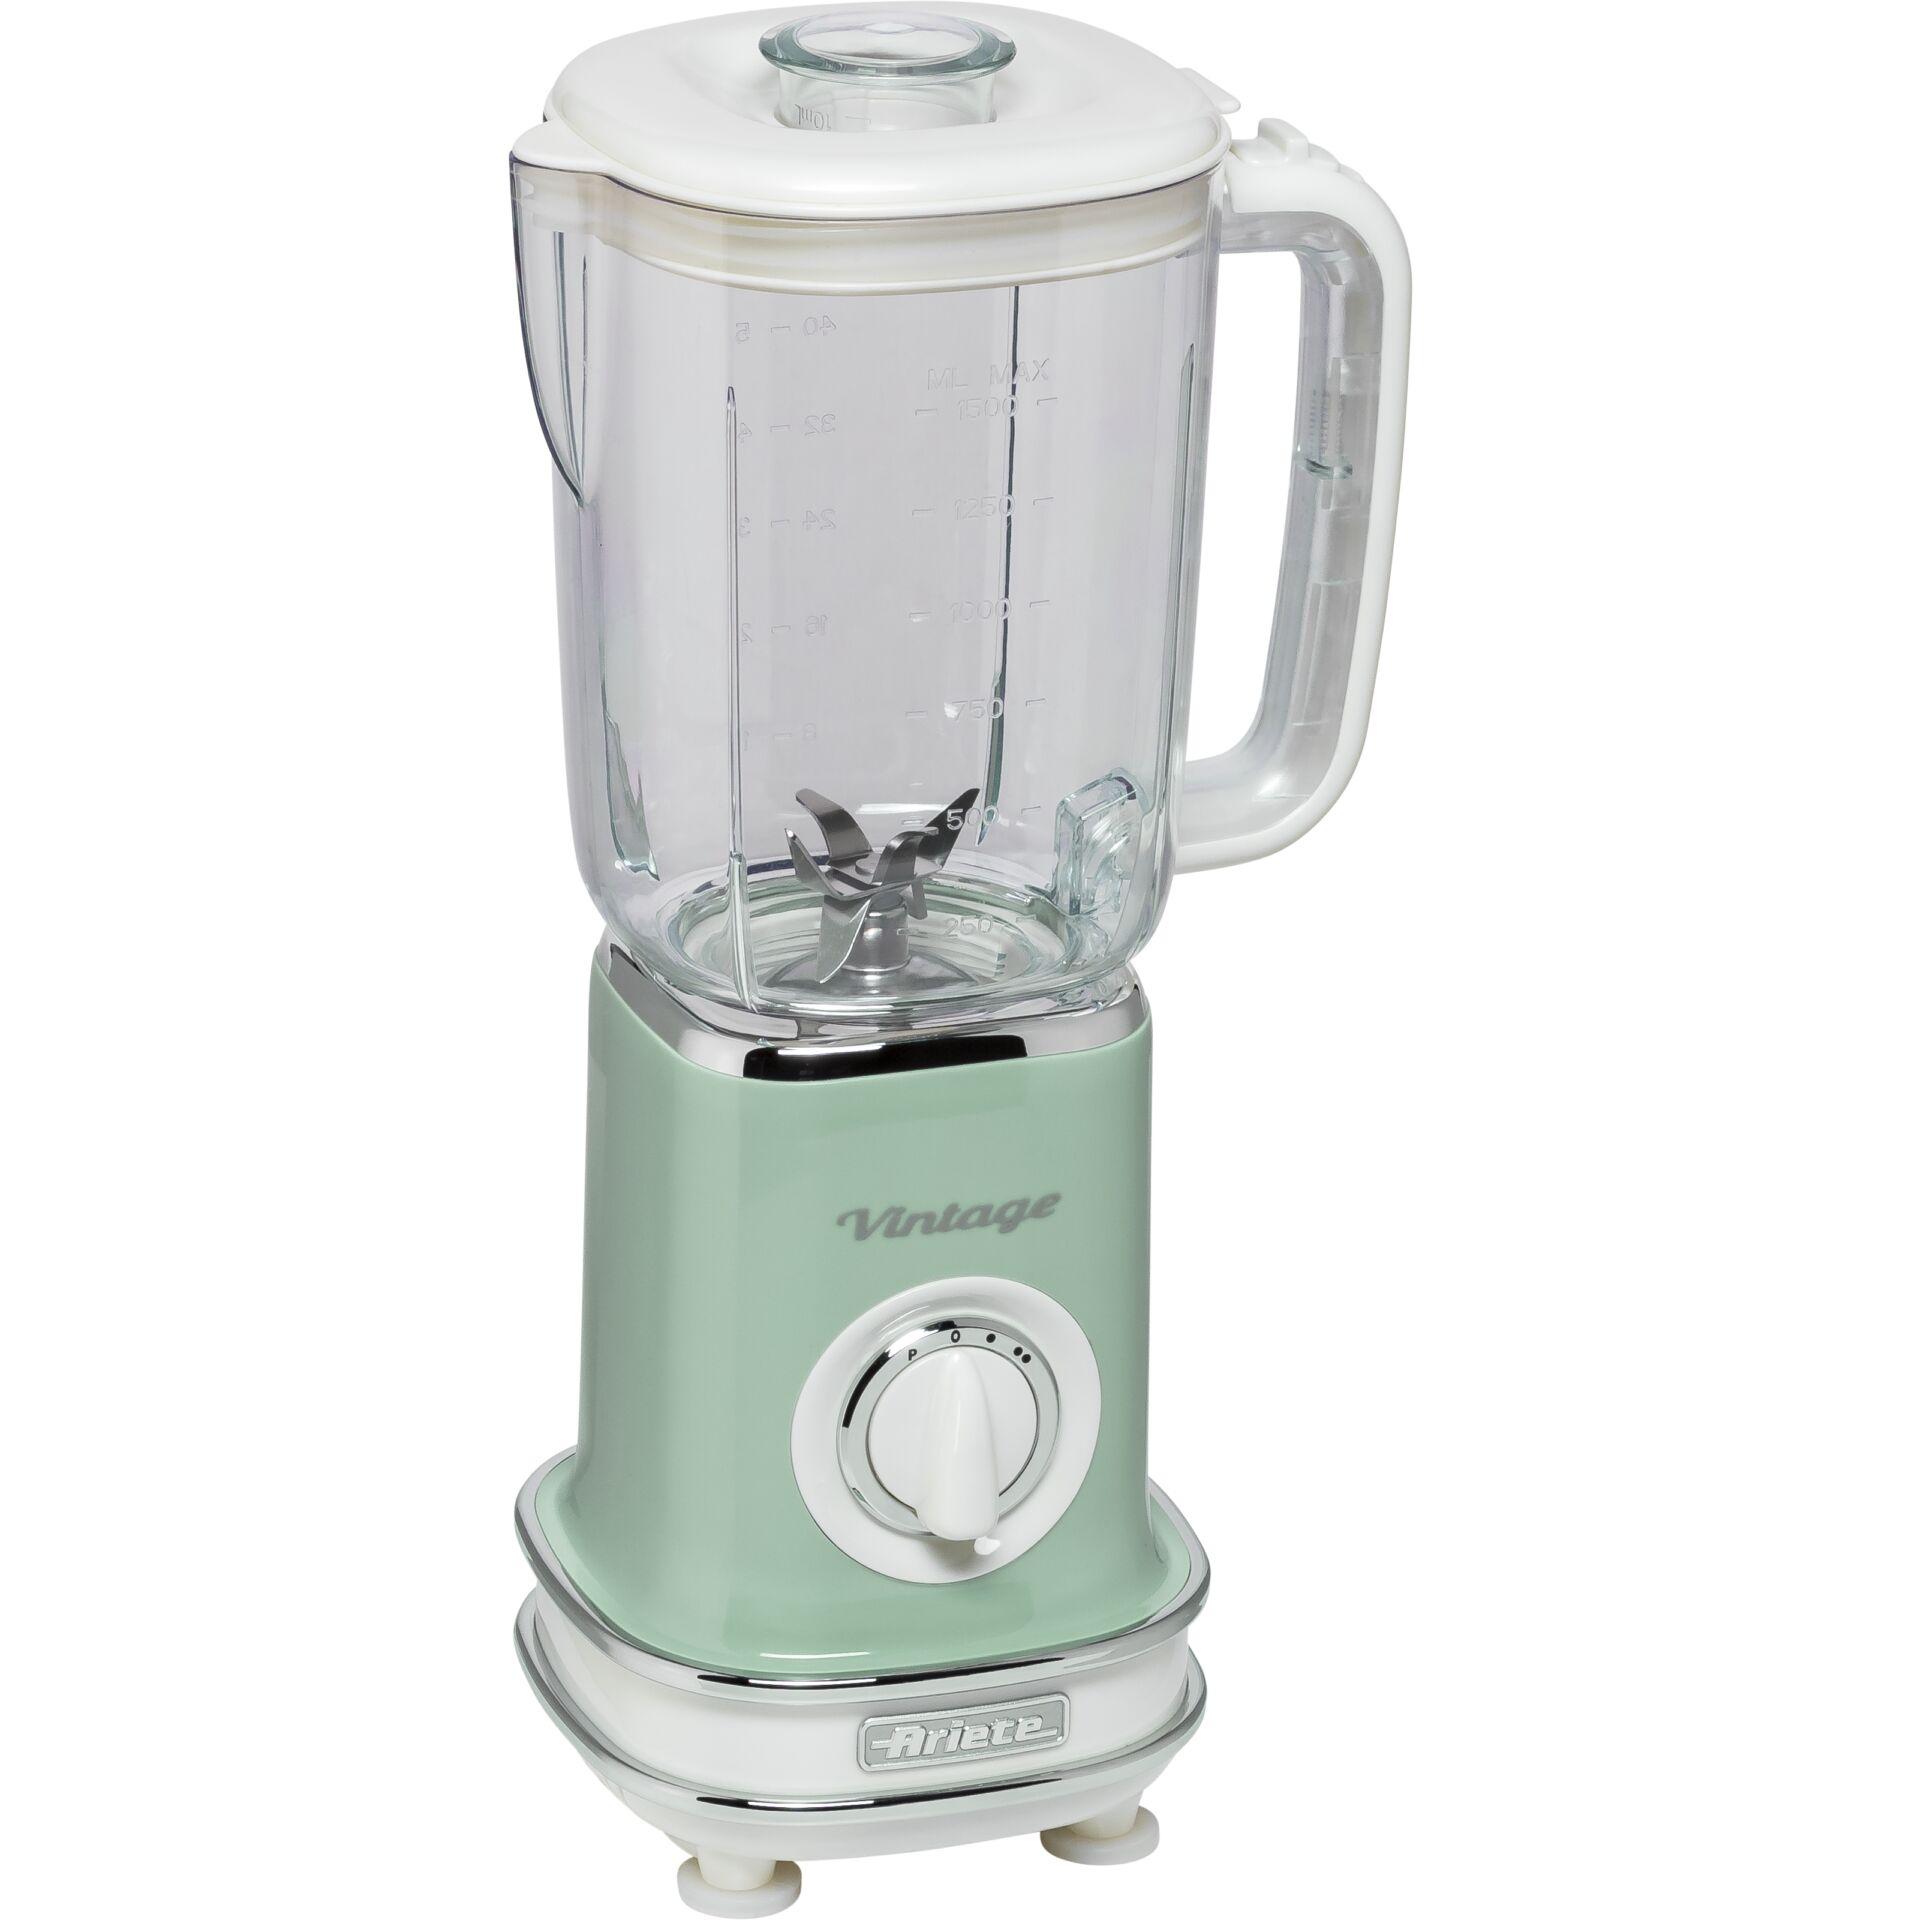 Ariete Vintage Mixer, grün